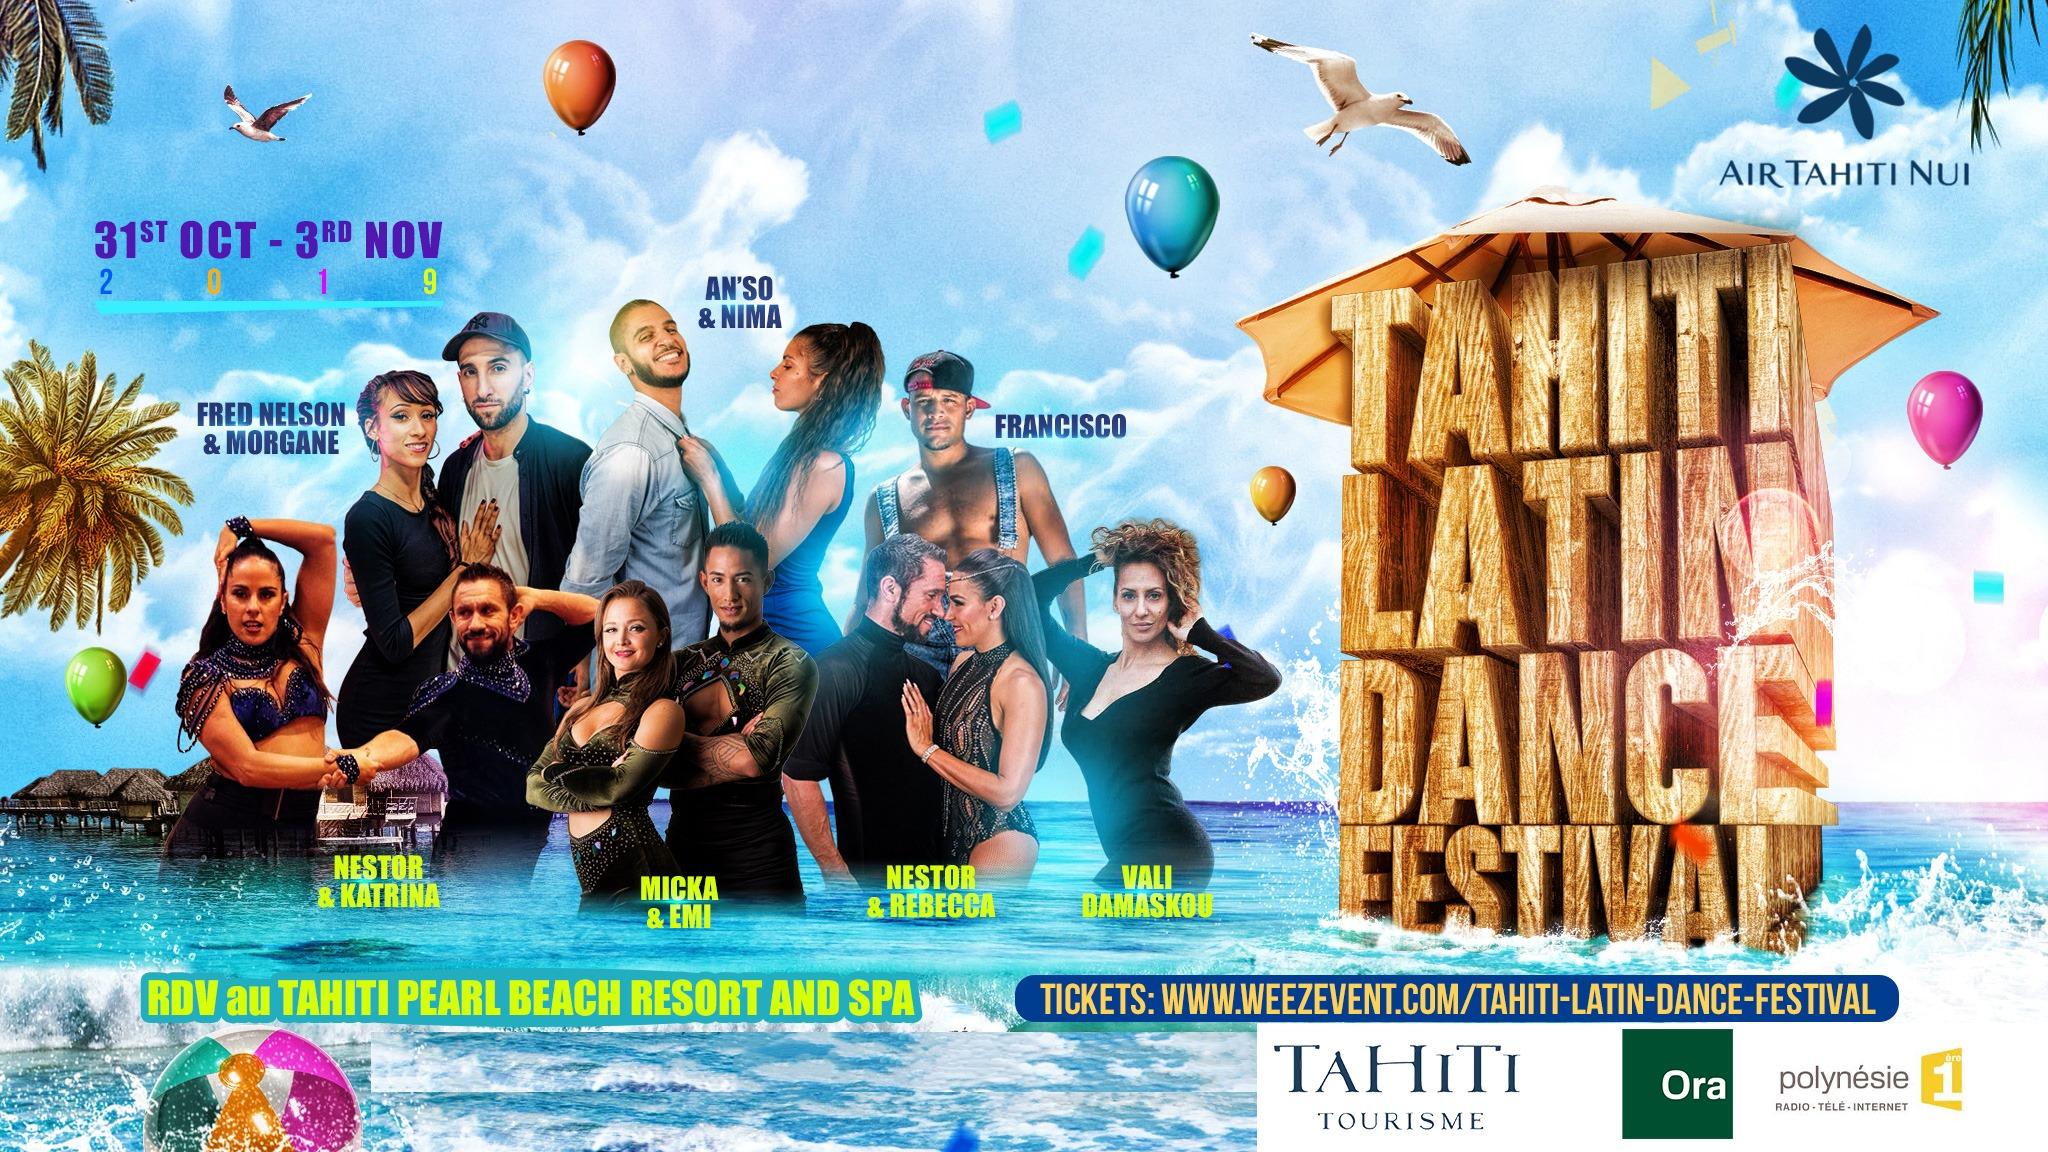 Tahiti latin dance festival, une 2e édition attendue